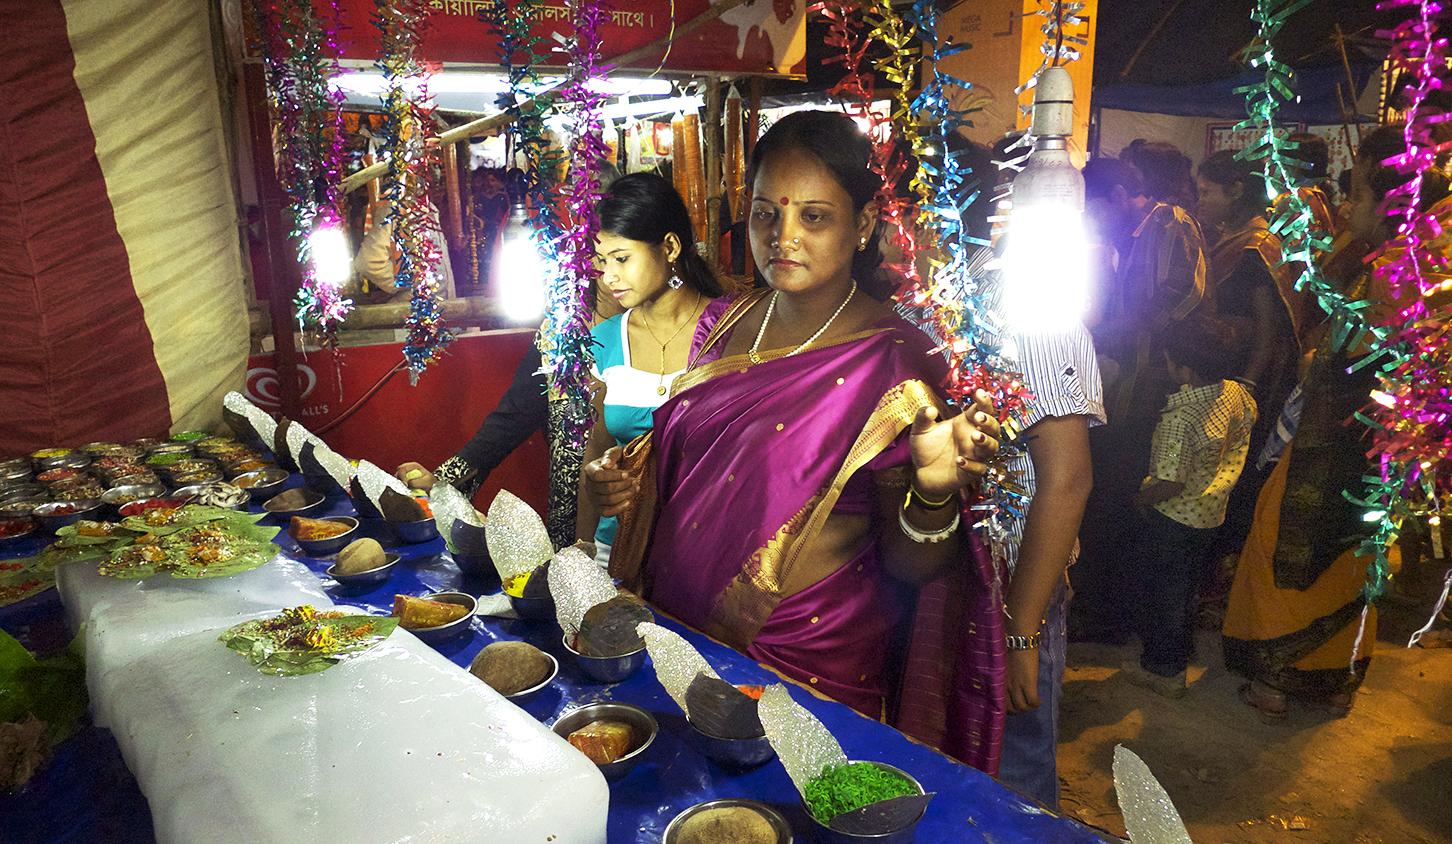 ladiesatmarketpurple_india.jpg